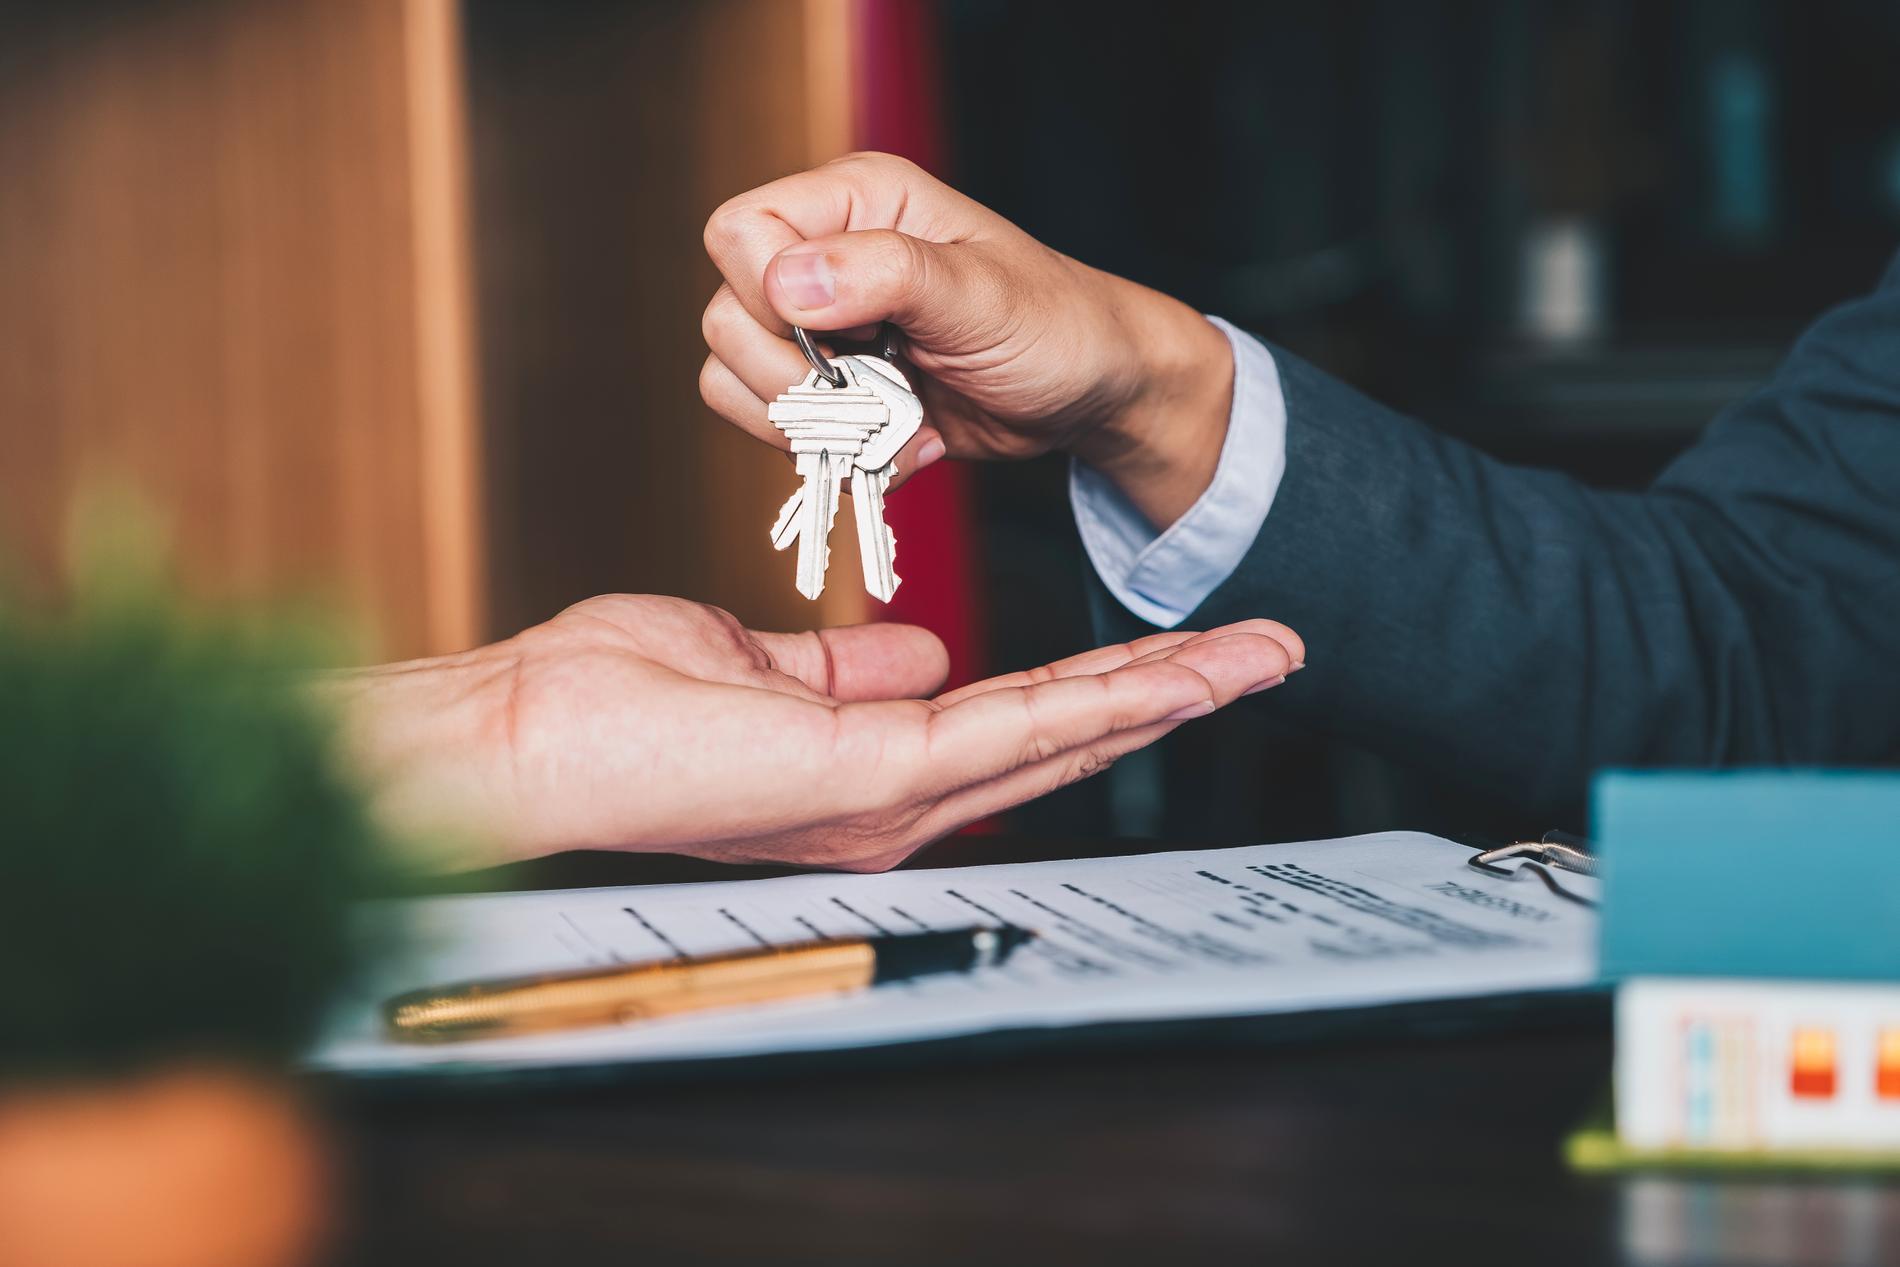 """""""För att detta inte ska bli vilken hyra som helst föreslås det att inflyttningshyran inte väsentligt får överstiga hyran för liknande lägenheter"""", föreslår utredaren Kazimir Åberg."""